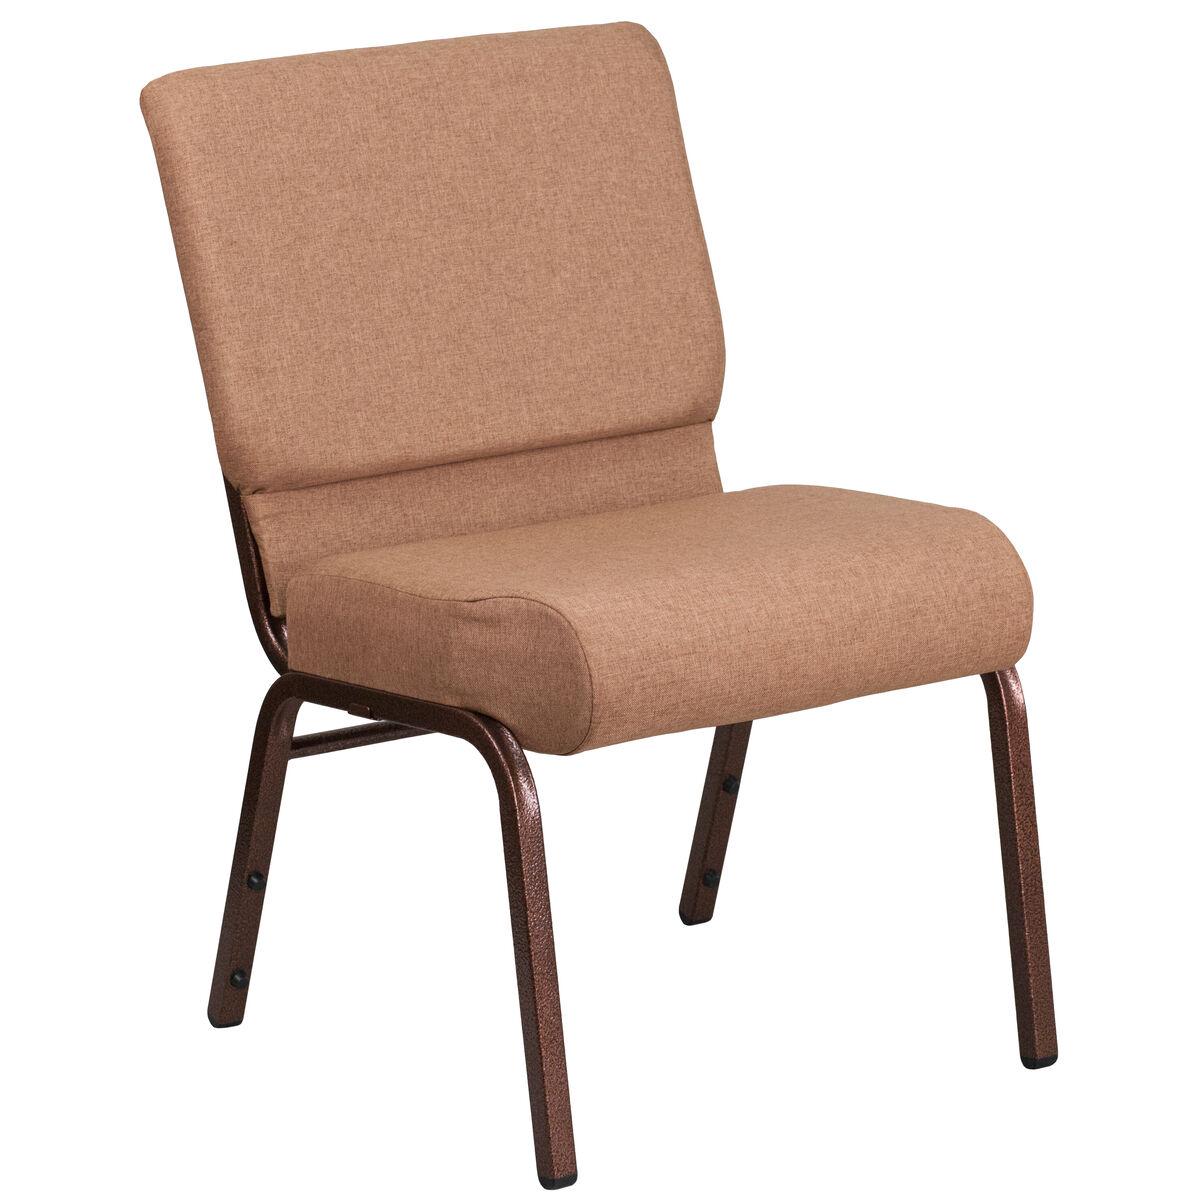 hercules series 21 u0026 39  u0026 39 w stacking church chair in caramel fabric - copper vein frame